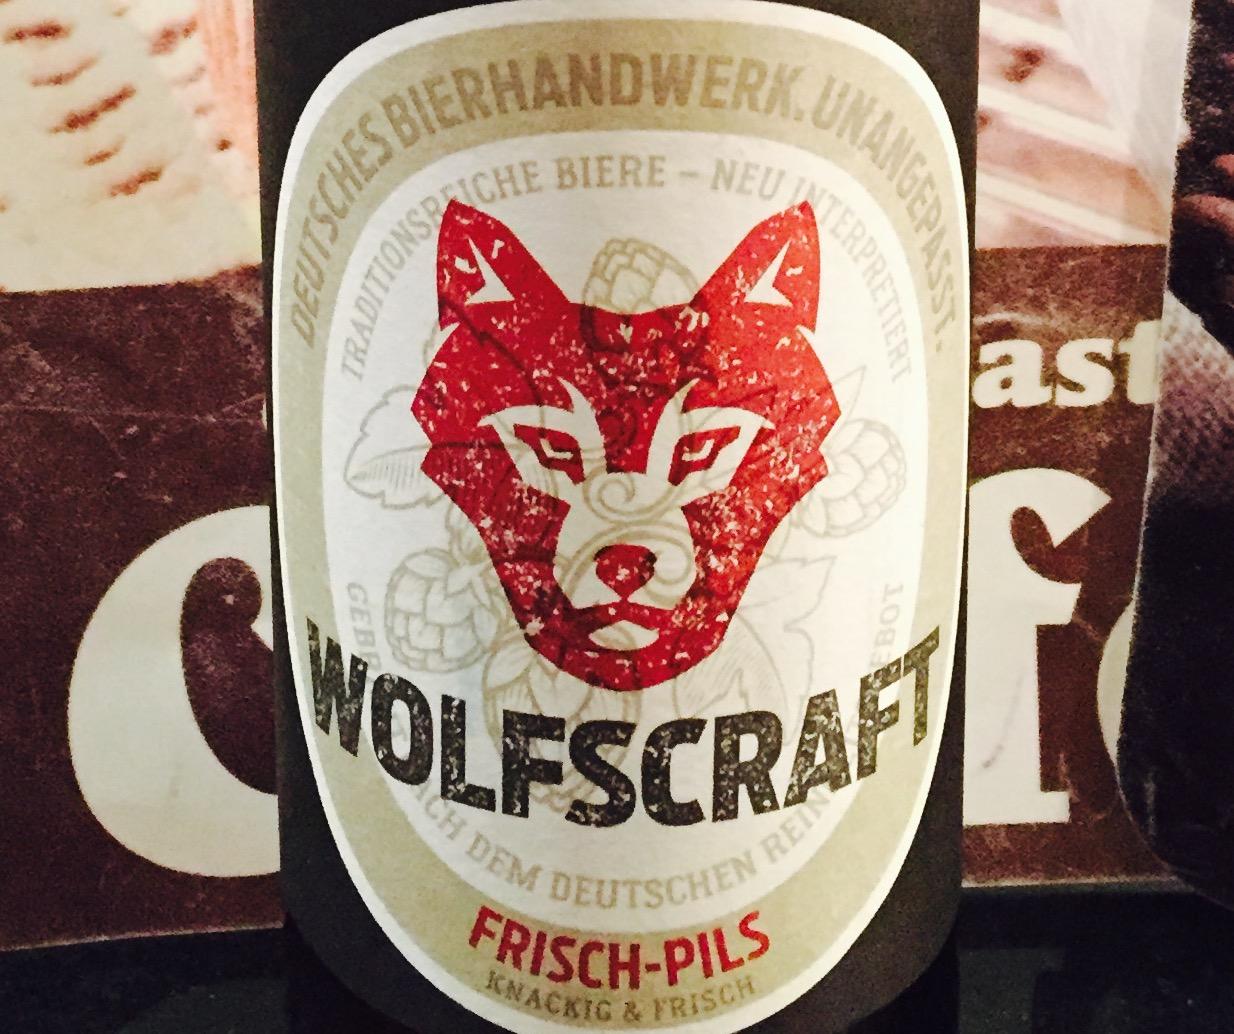 Wolfscraft - Frisch Pils